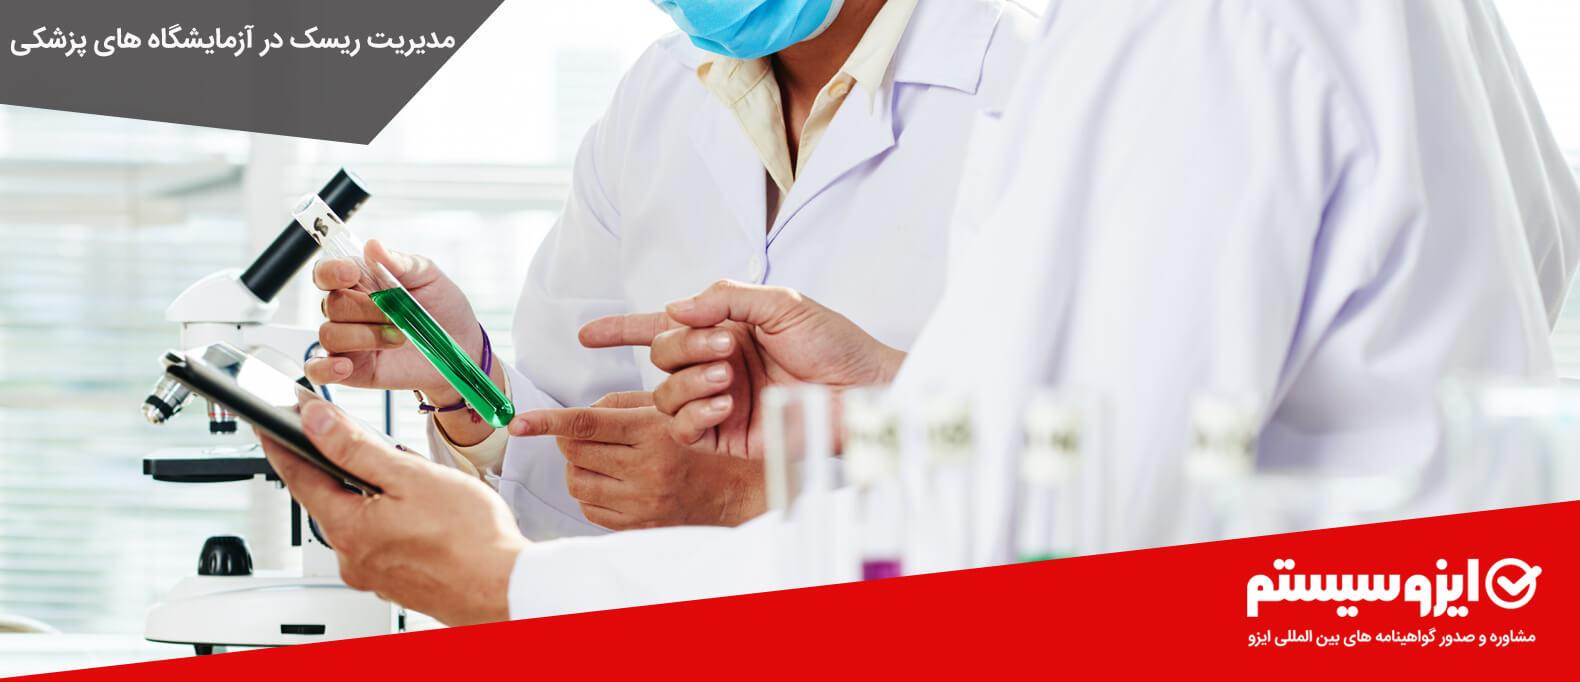 مدیریت ریسک در آزمایشگاه های پزشکی